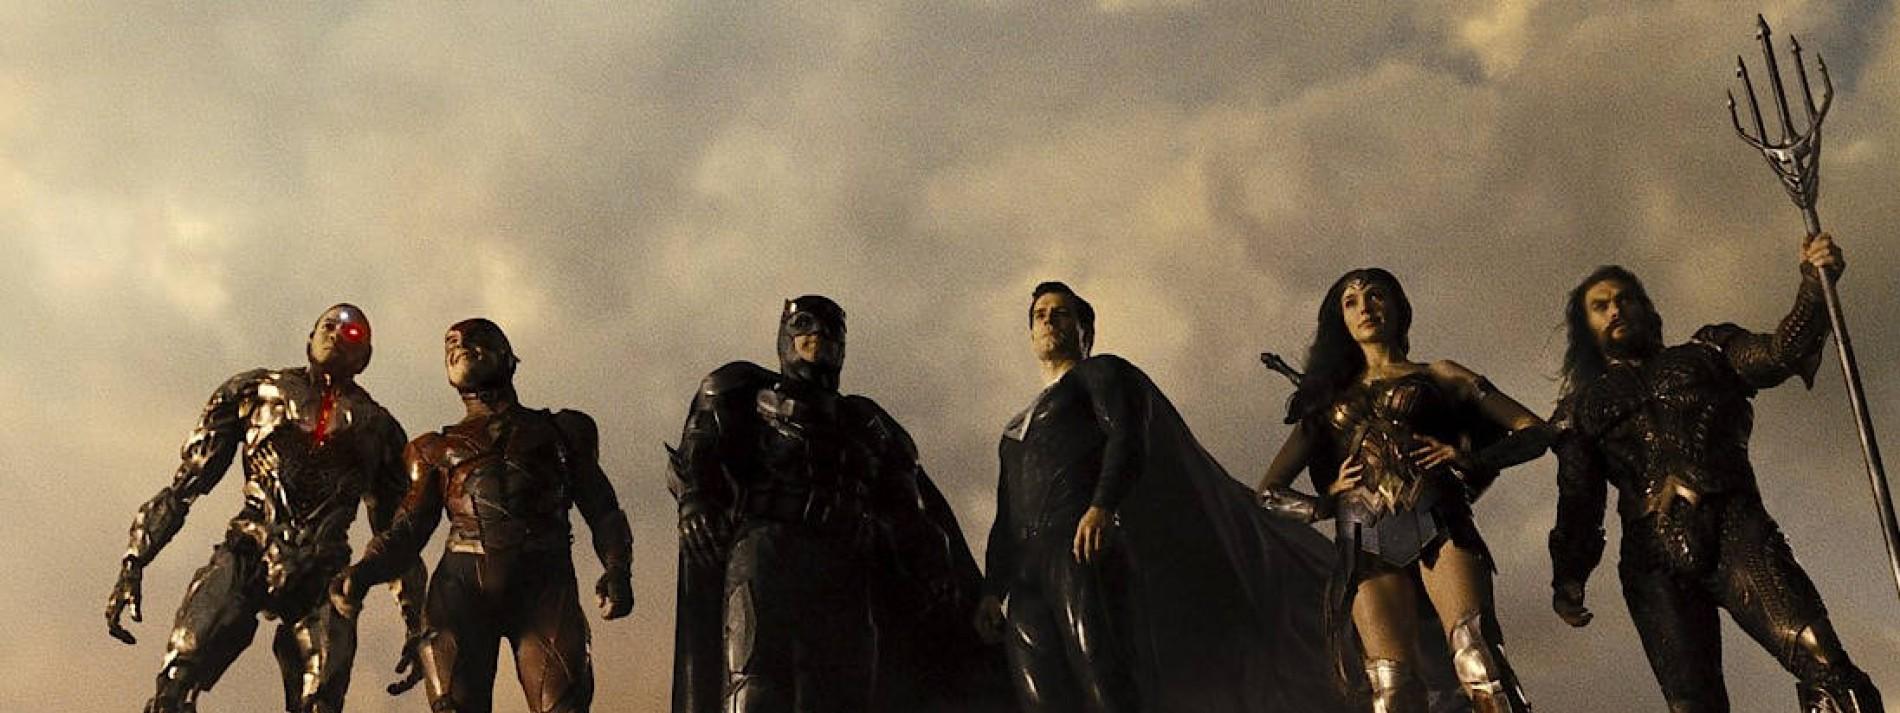 Ist das Gerechtigkeit für Helden?